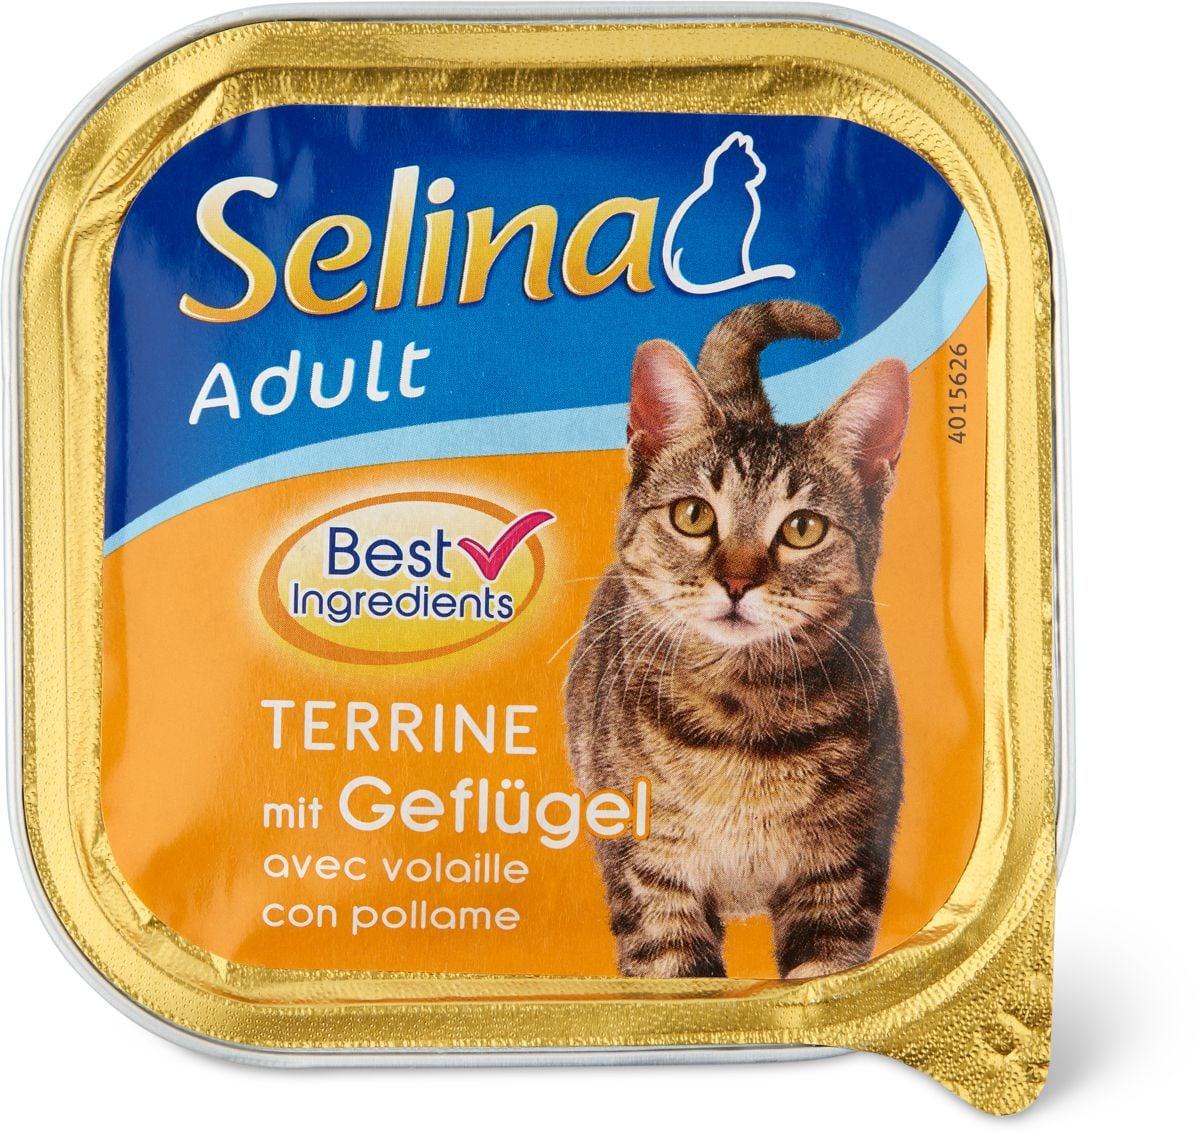 Selina Adult Terrine Volatile